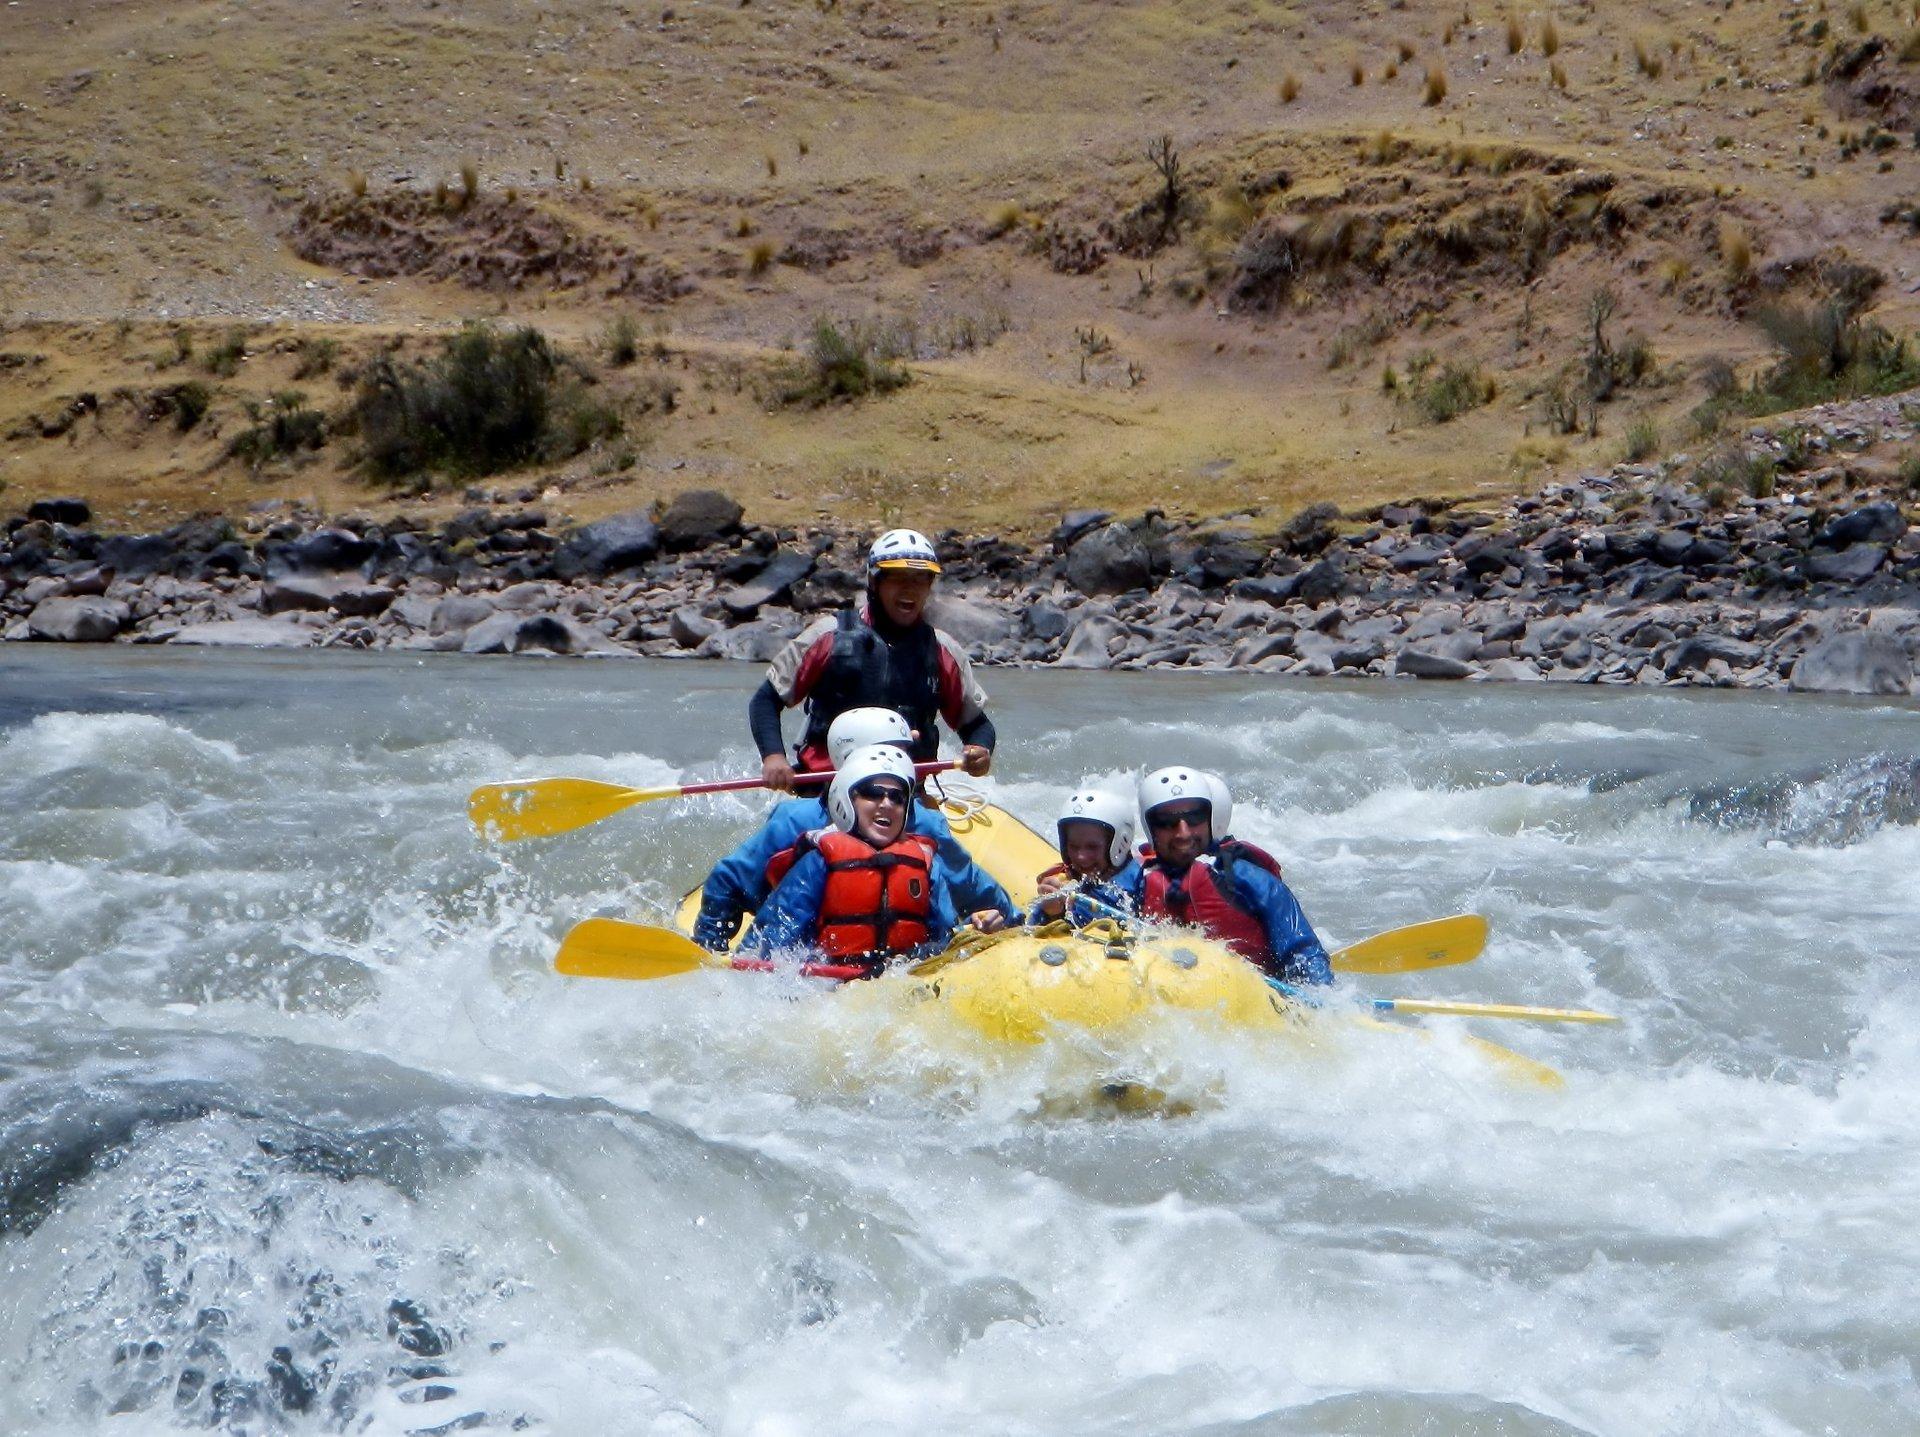 Rafting Season in Machu Picchu and Cusco 2019 - Best Time